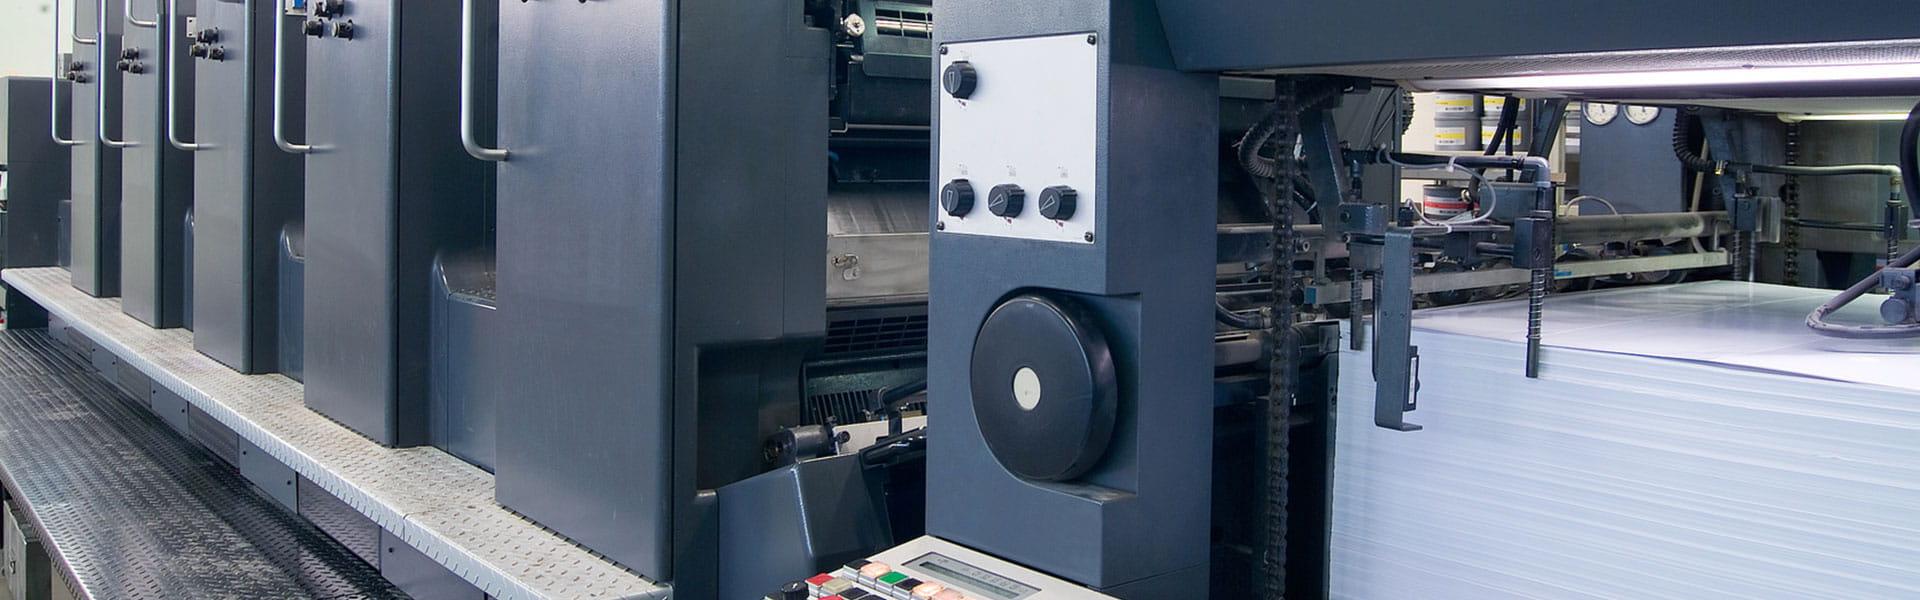 maszyna arkusze papieru